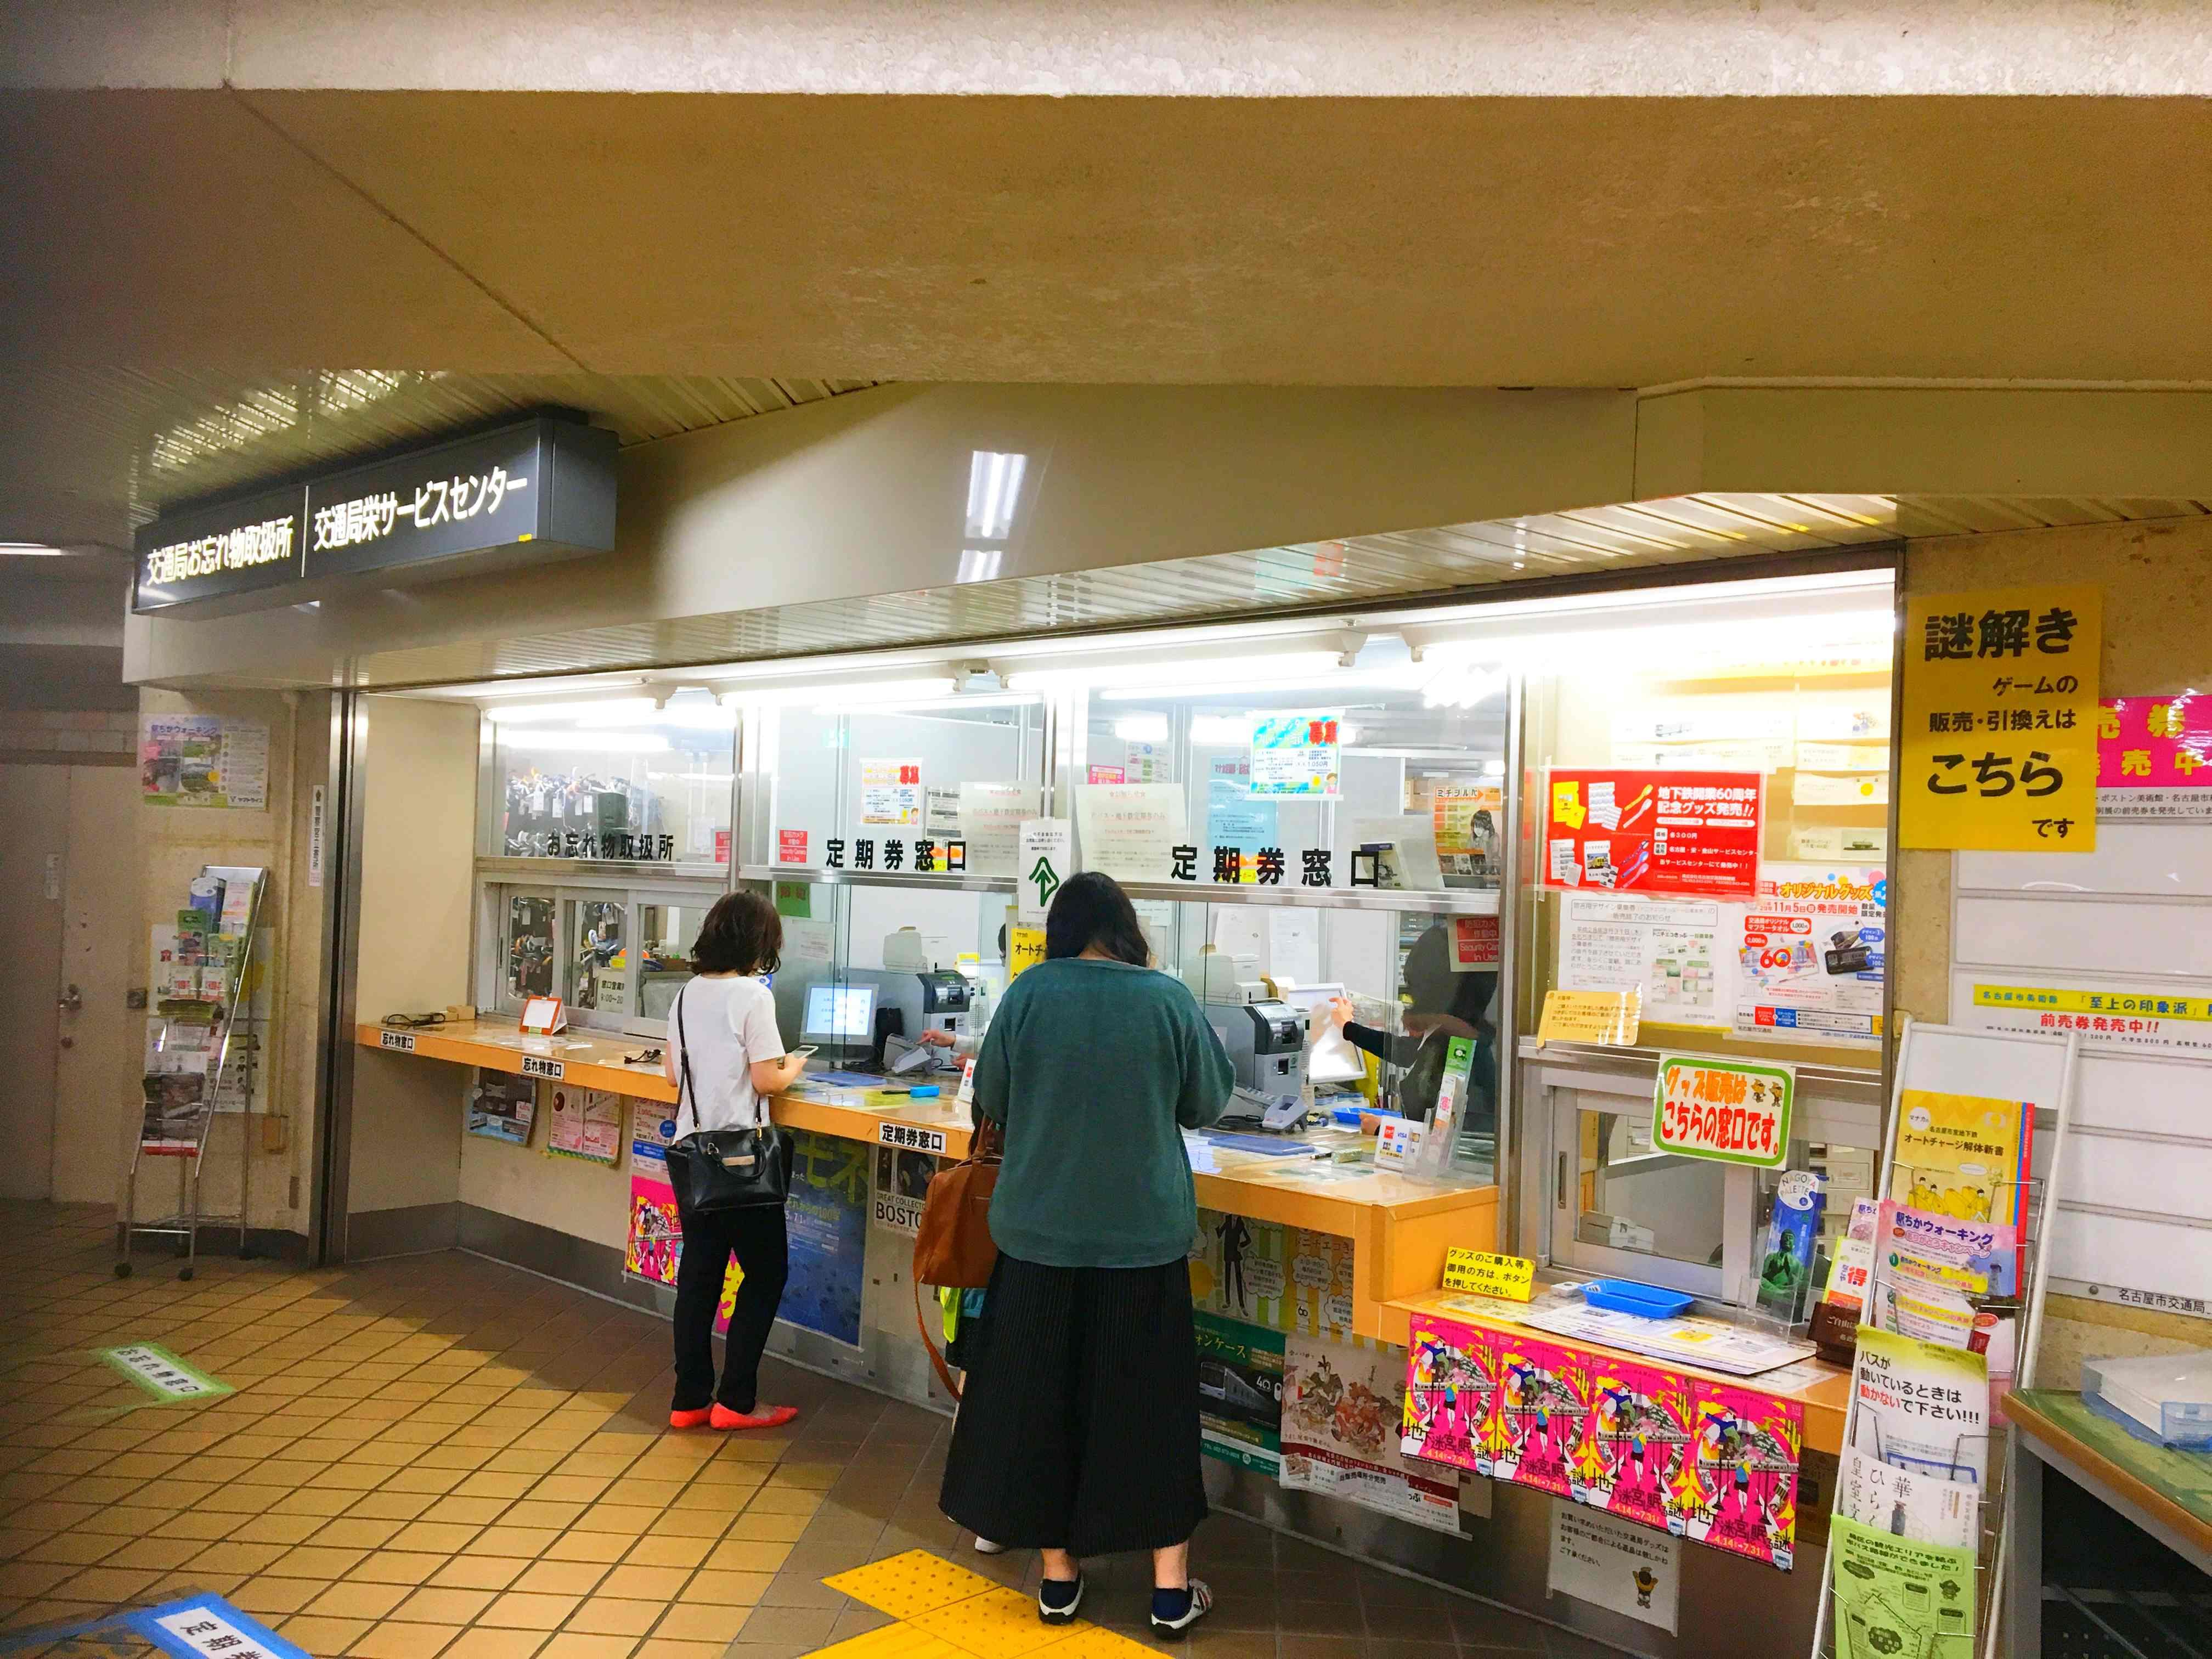 地下鉄を使って謎解き? 「ナゾトキ街歩きゲーム」が名古屋に初上陸 - IMG 2094